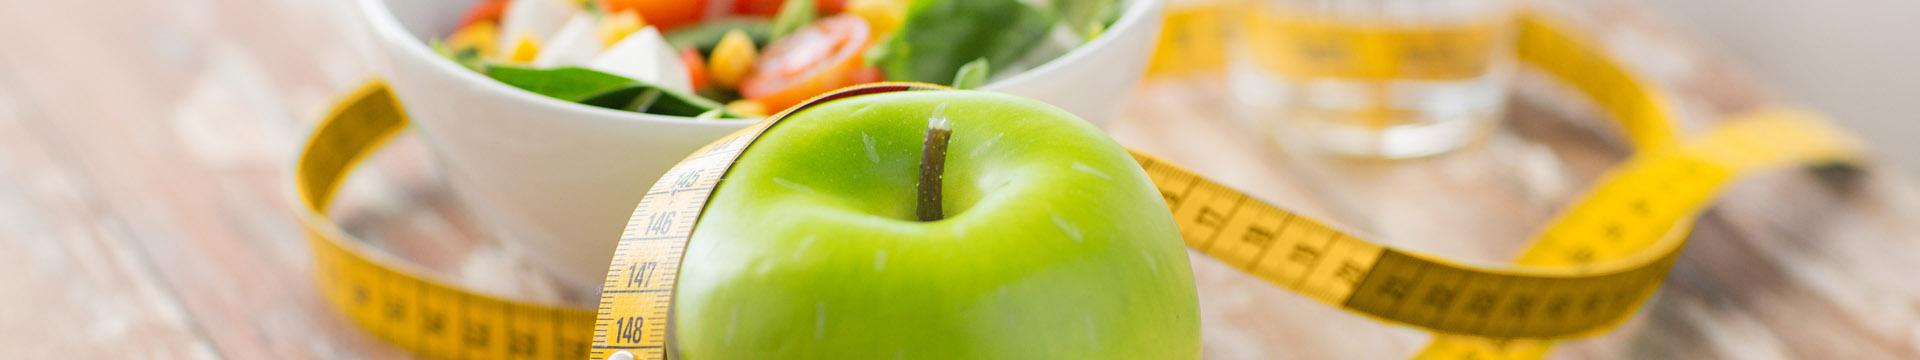 servicio nutricion elche